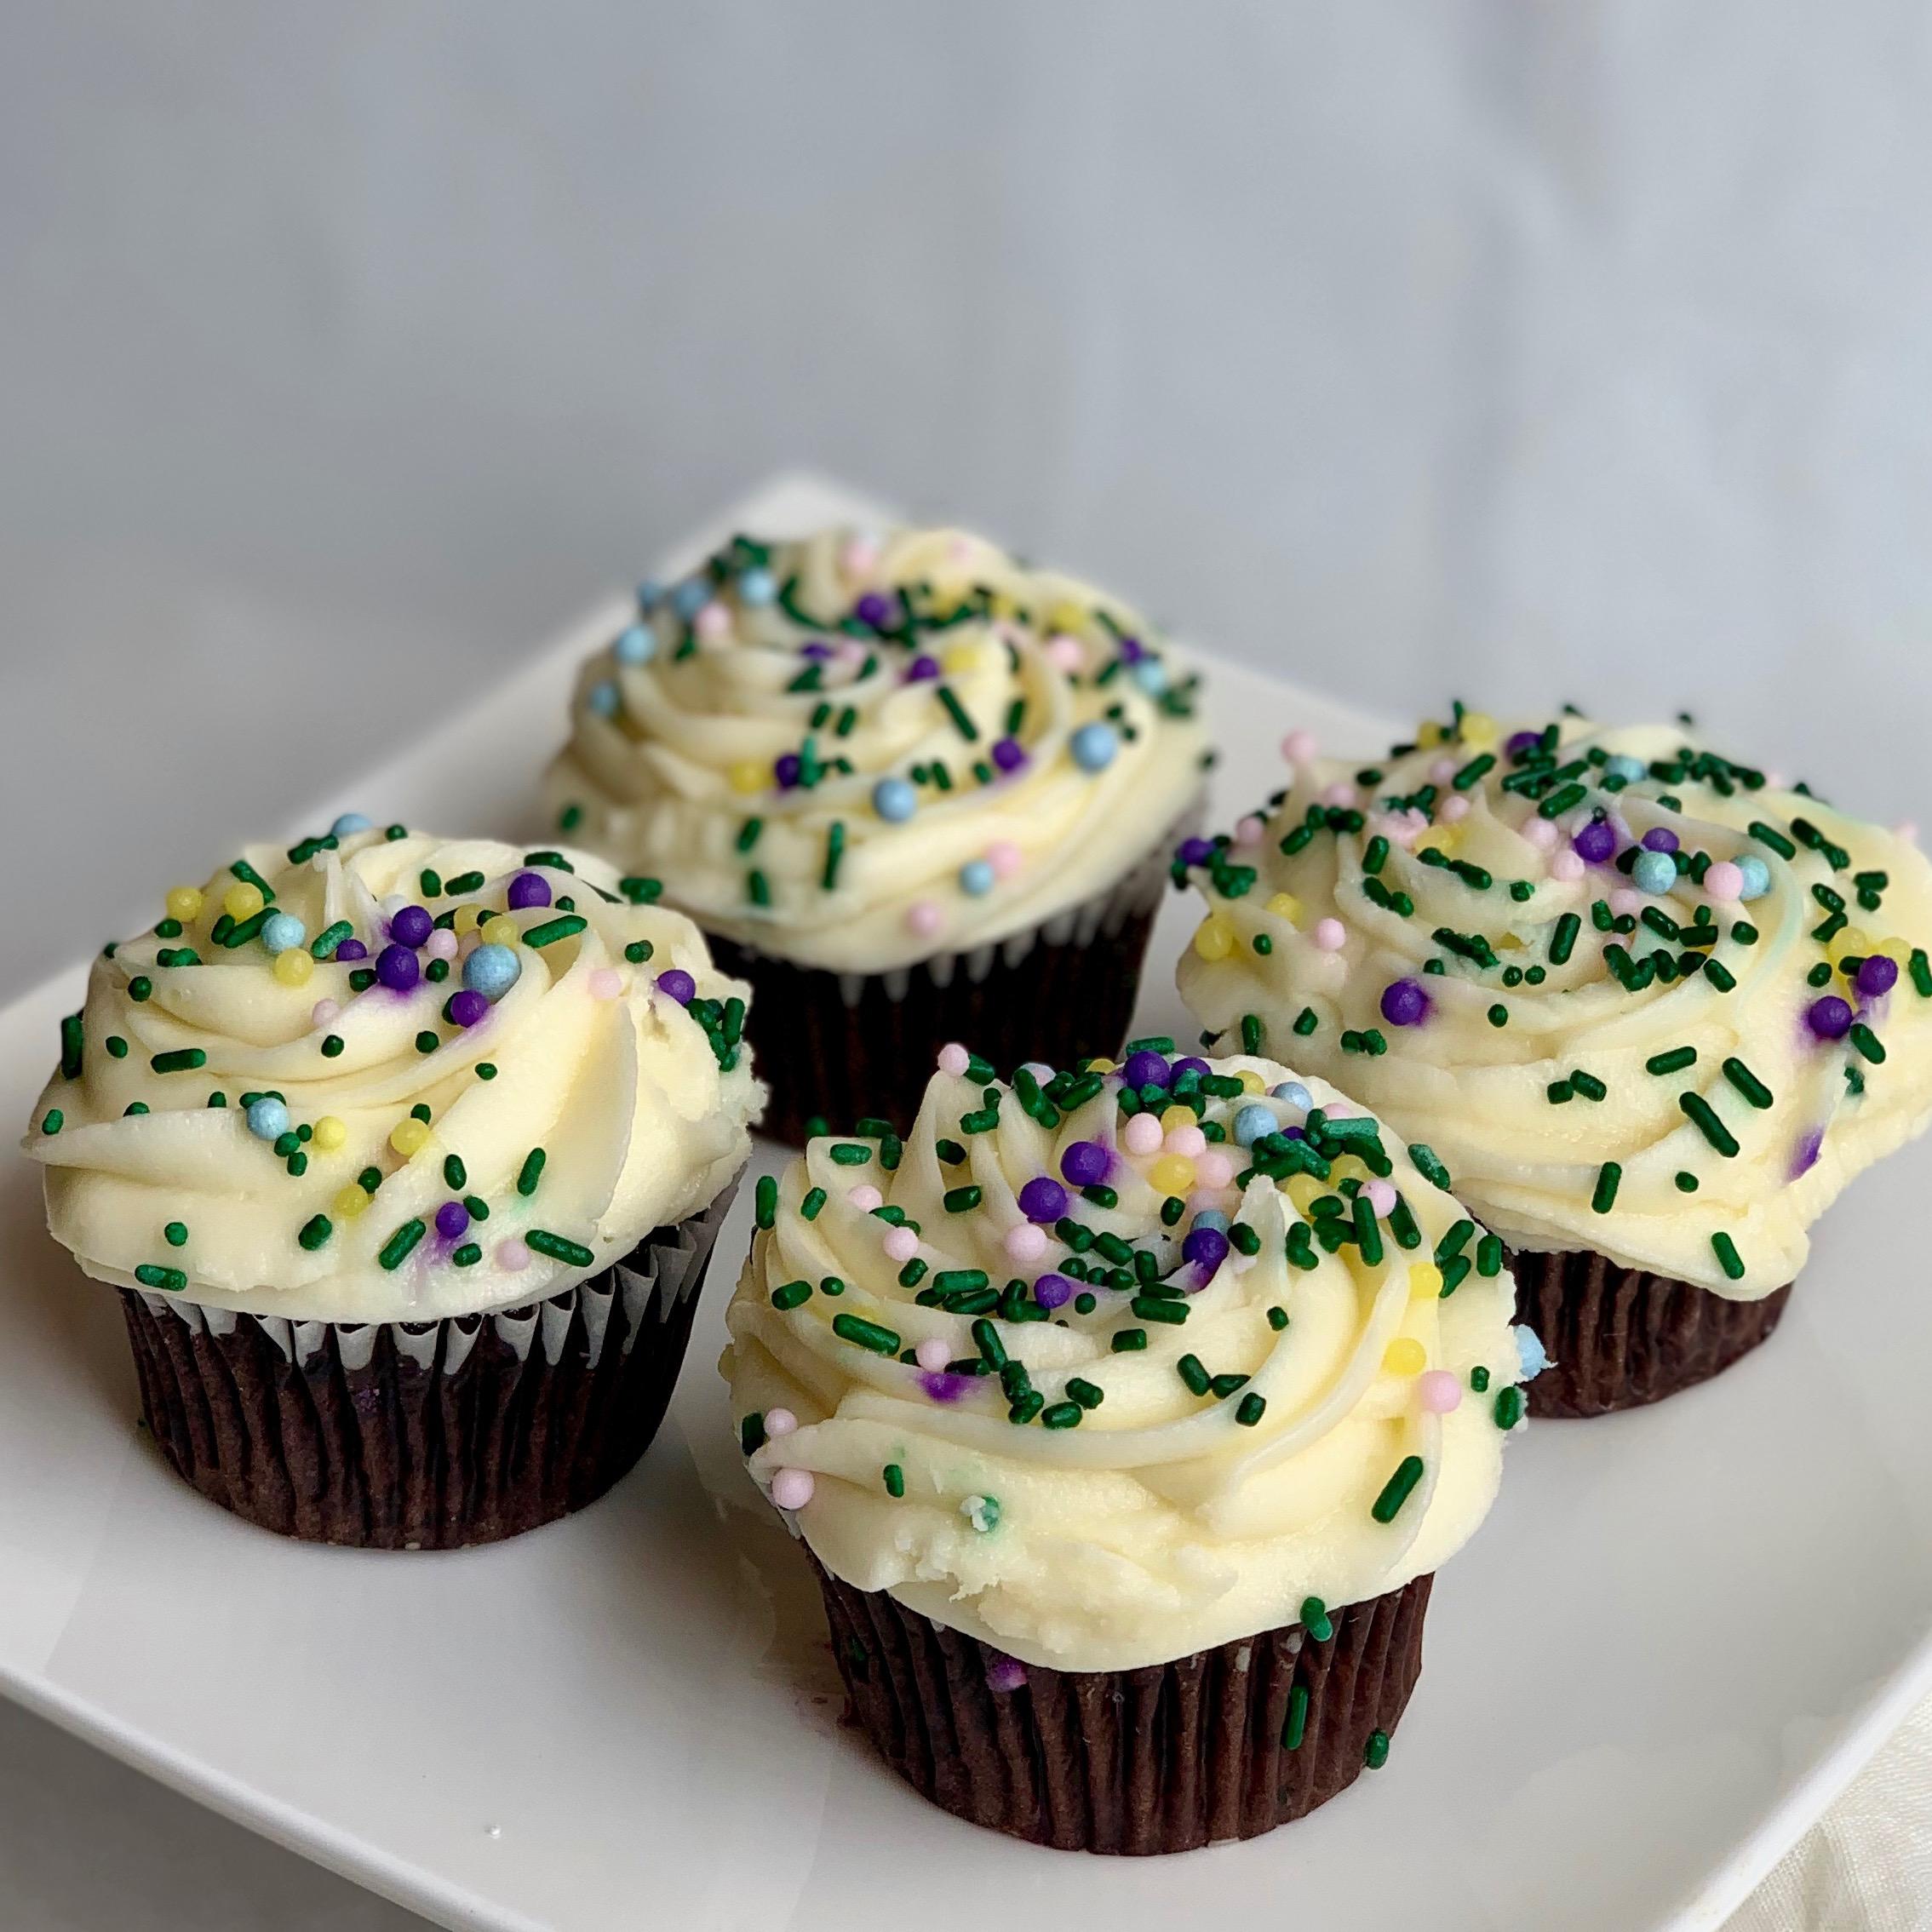 Springtime Black and White Cupcakes